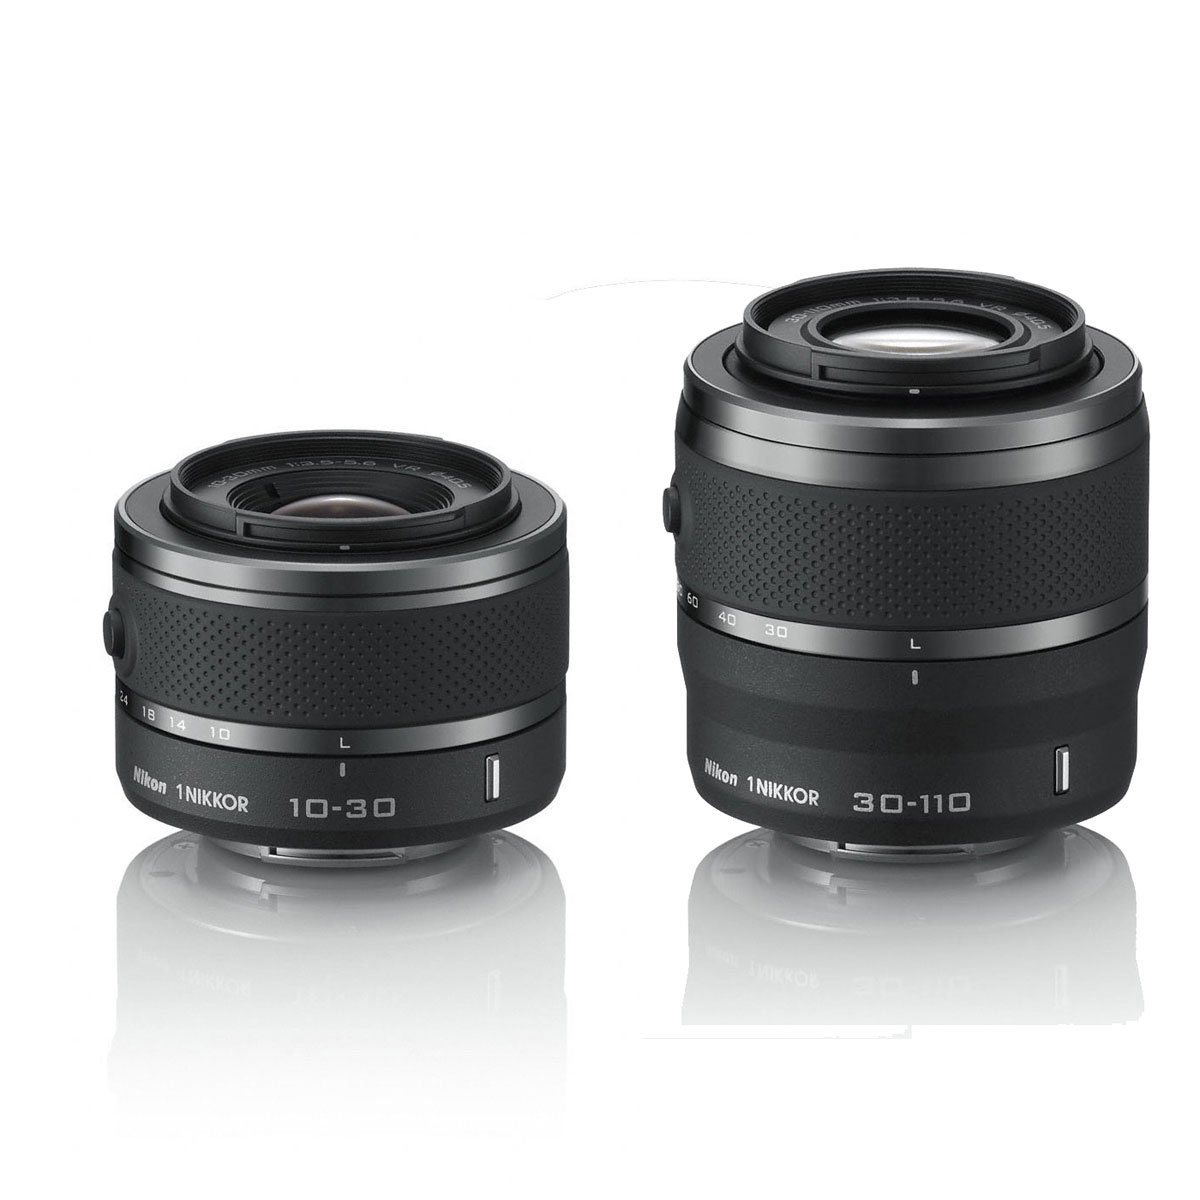 nikon 1 j3 kit zoom avec deux objectifs noir appareil photo hybride nikon sur. Black Bedroom Furniture Sets. Home Design Ideas